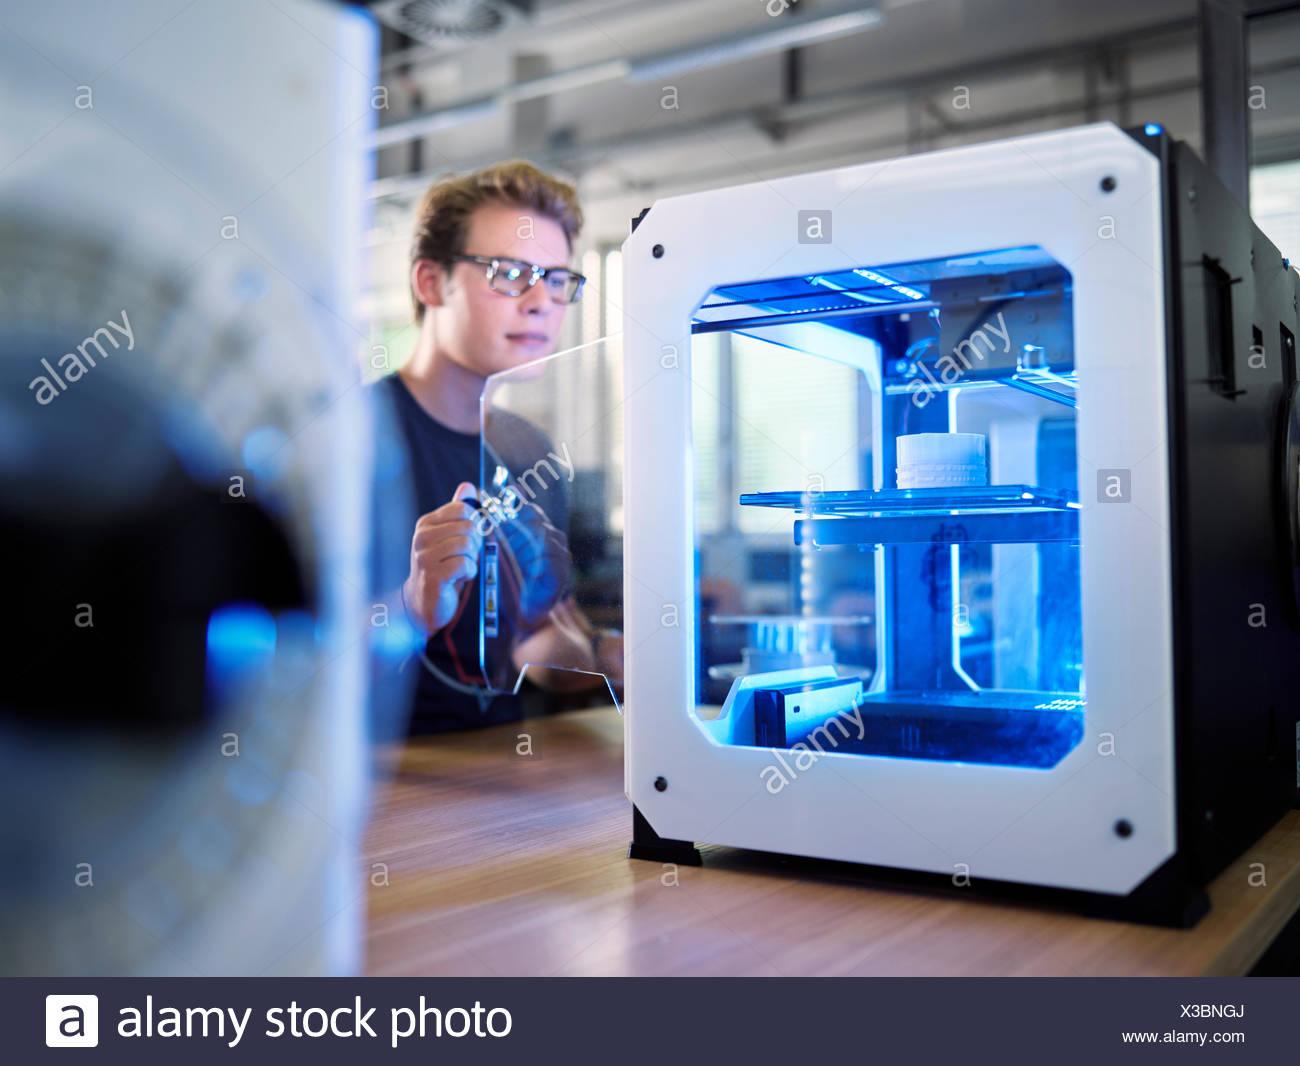 Mitarbeiter, 25-30 Jahre, Eröffnung 3D-Drucker in Produktionslabor FabLab, Wattens, Tirol, Österreich Stockfoto